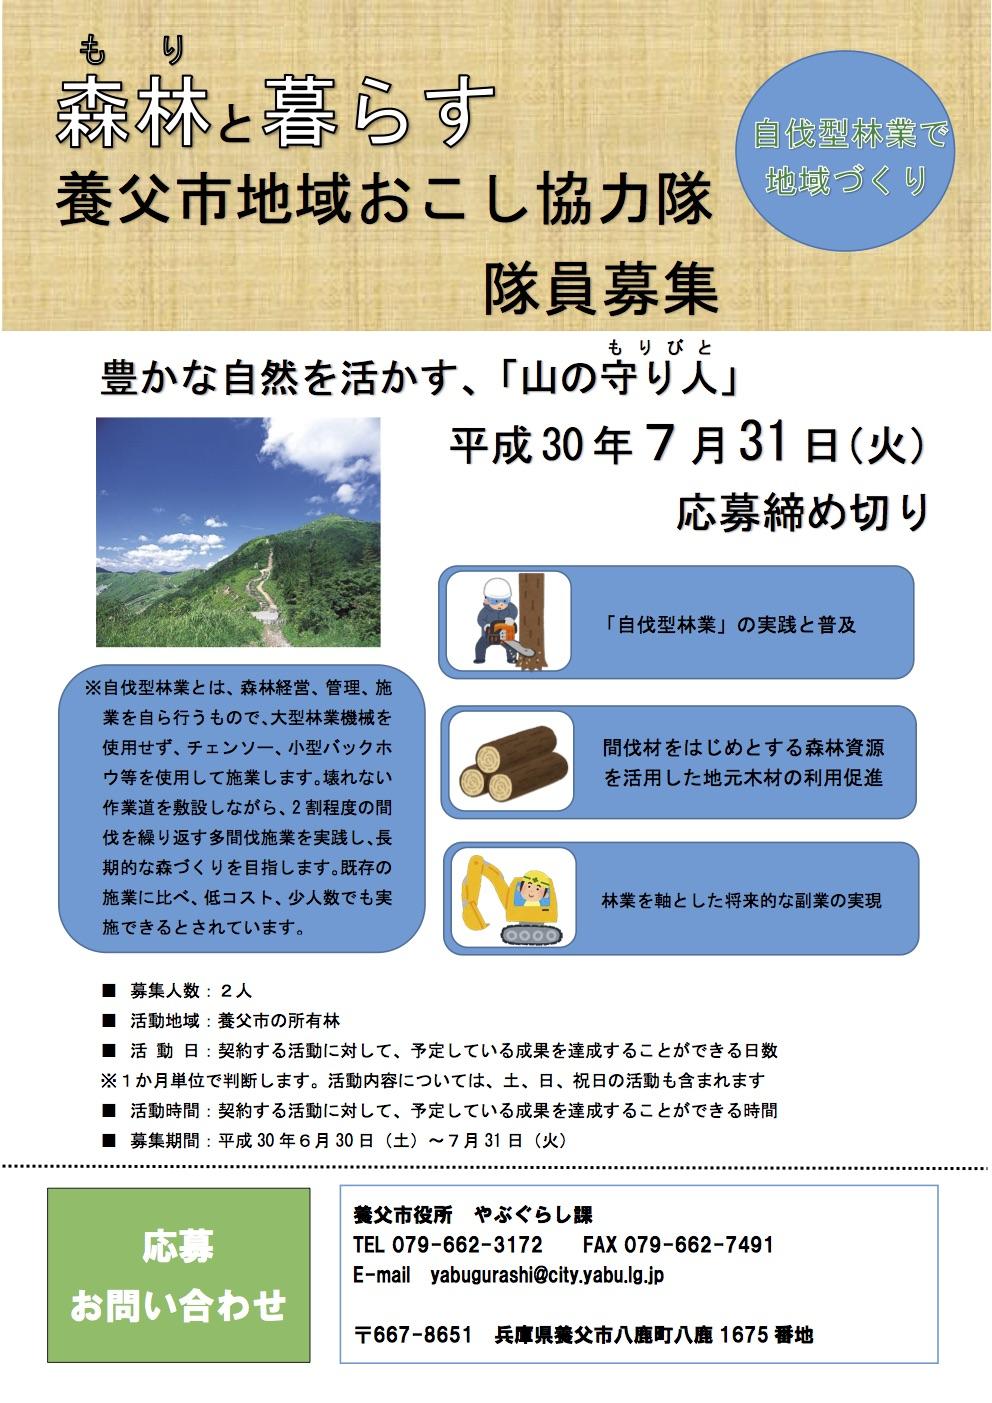 関西で新たな自伐型林業家を募集中!兵庫県養父市の「地域おこし協力隊」